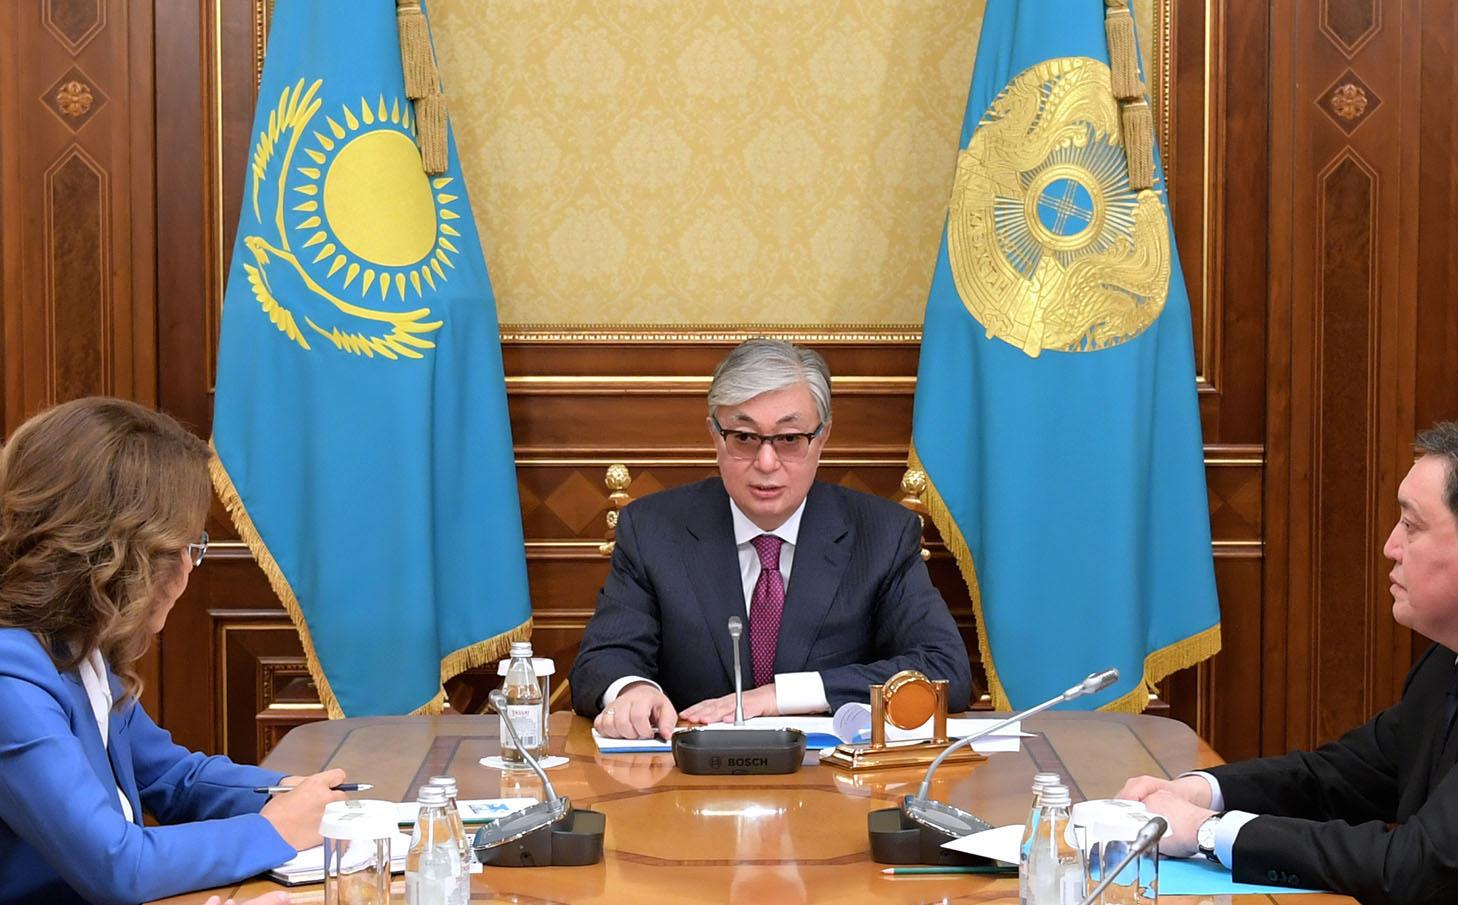 Касым-Жомарт Токаев объявил дату президентских выборов